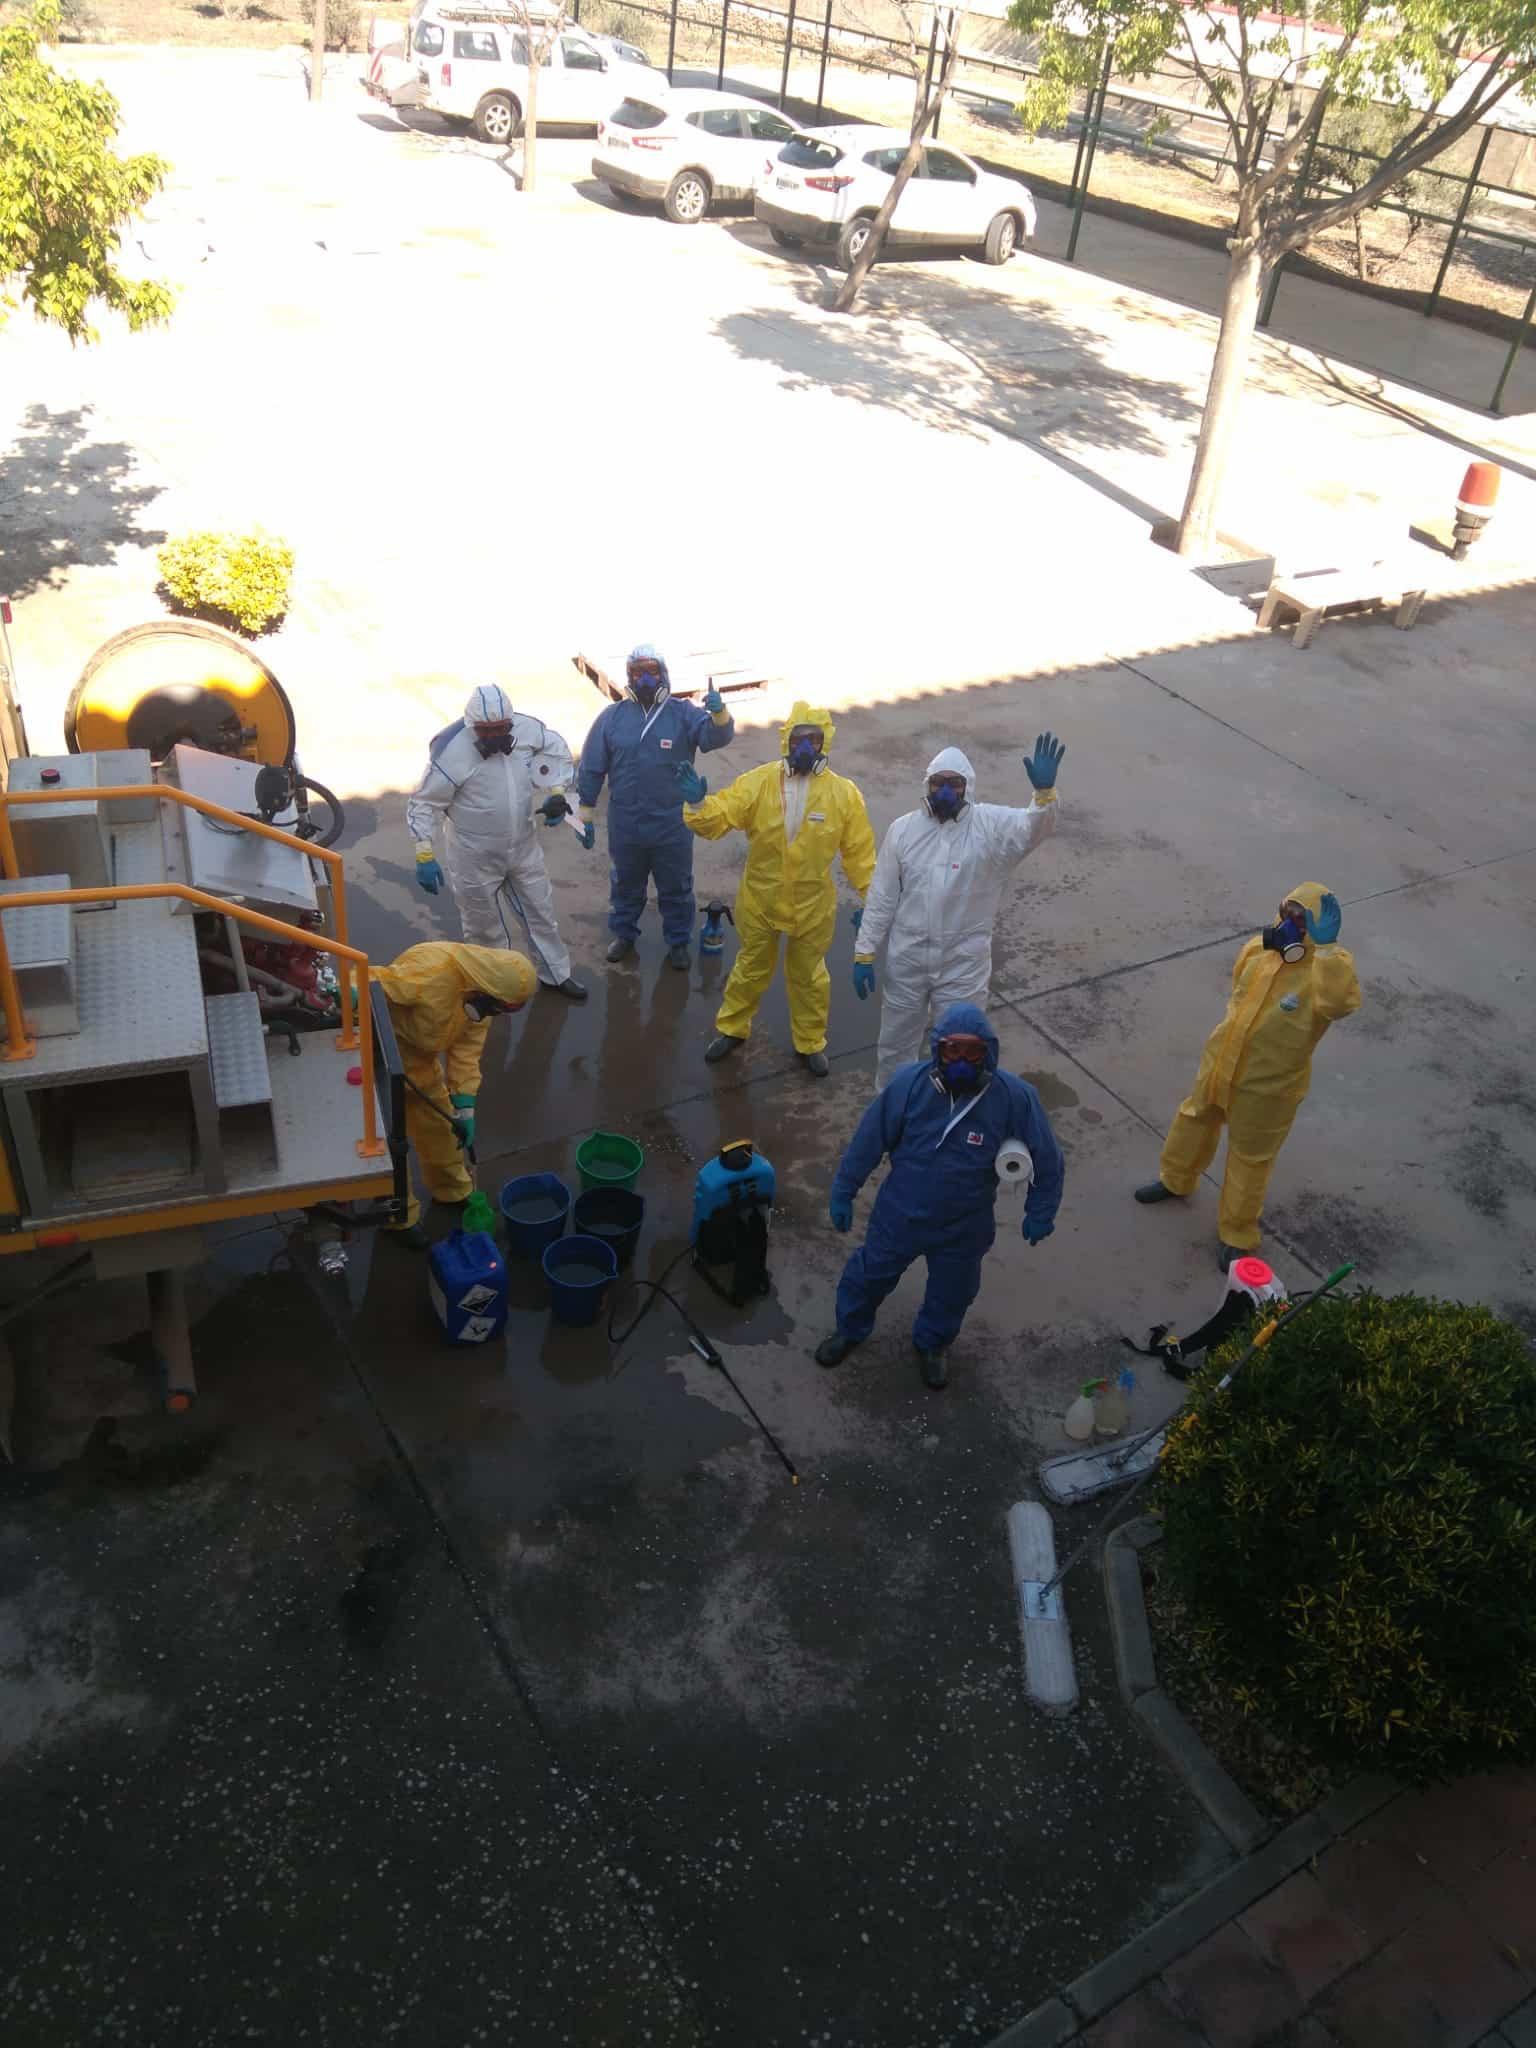 desinfeccion geacam herencia domingo resureccion 3 - Desinfección en exterior e interior del Centro de Salud y de las dos Residencias de Mayores hoy domingo